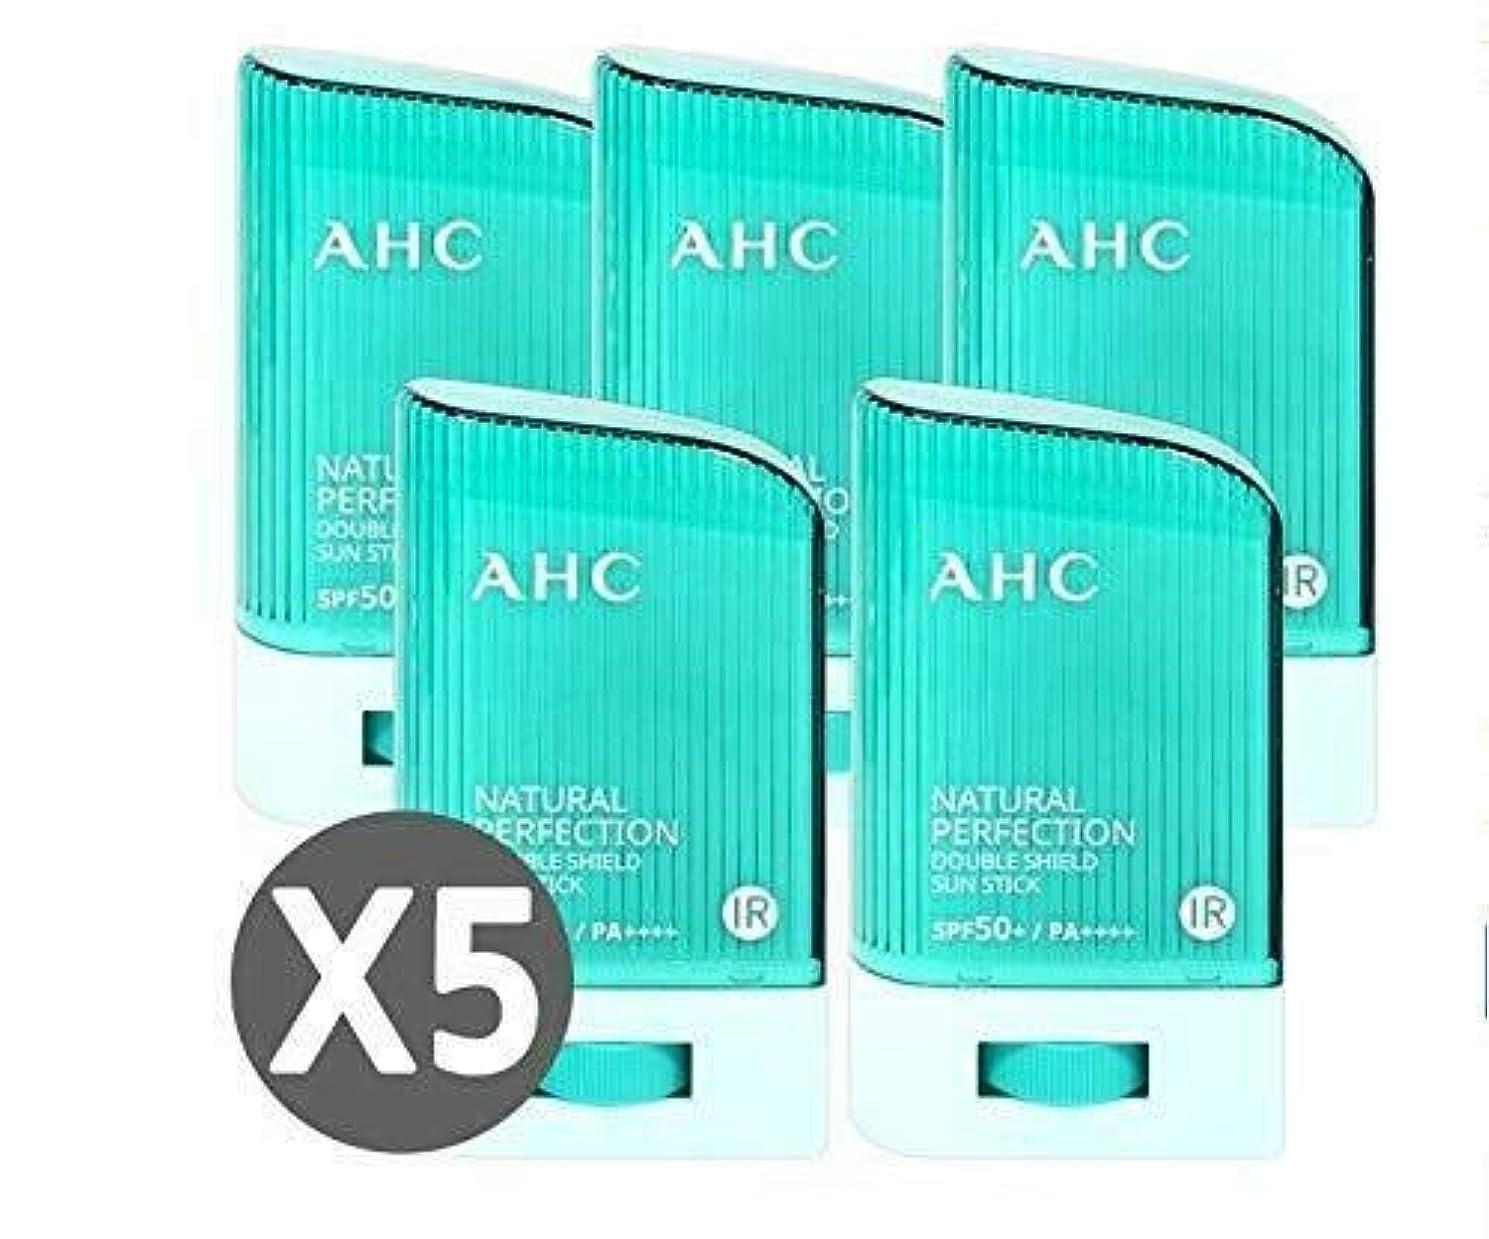 感性暴君パプアニューギニア[ 5個セット ] AHC ナチュラルパーフェクションダブルシールドサンスティック 22g, Natural Perfection Double Shield Sun Stick SPF50+ PA++++